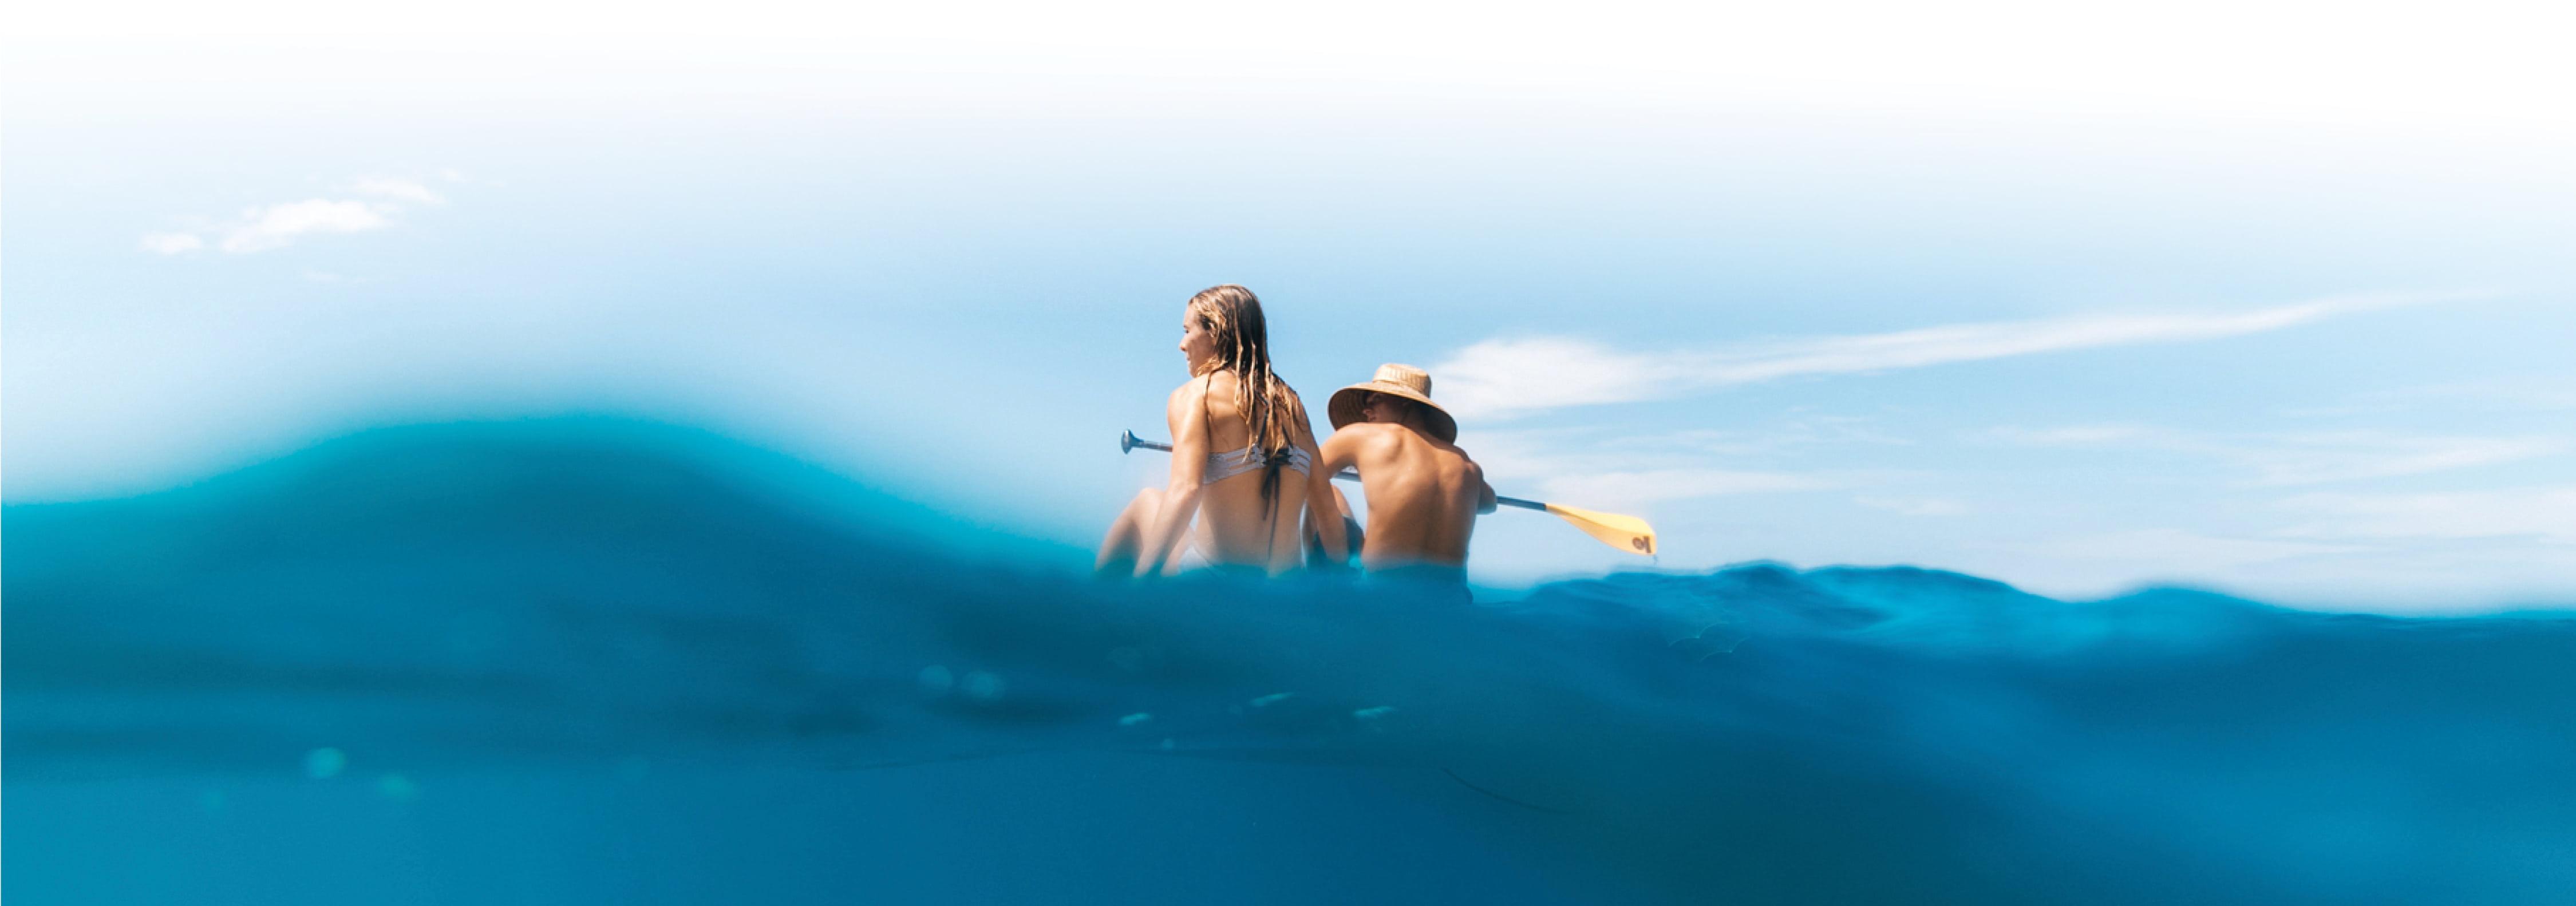 paddleboarding image